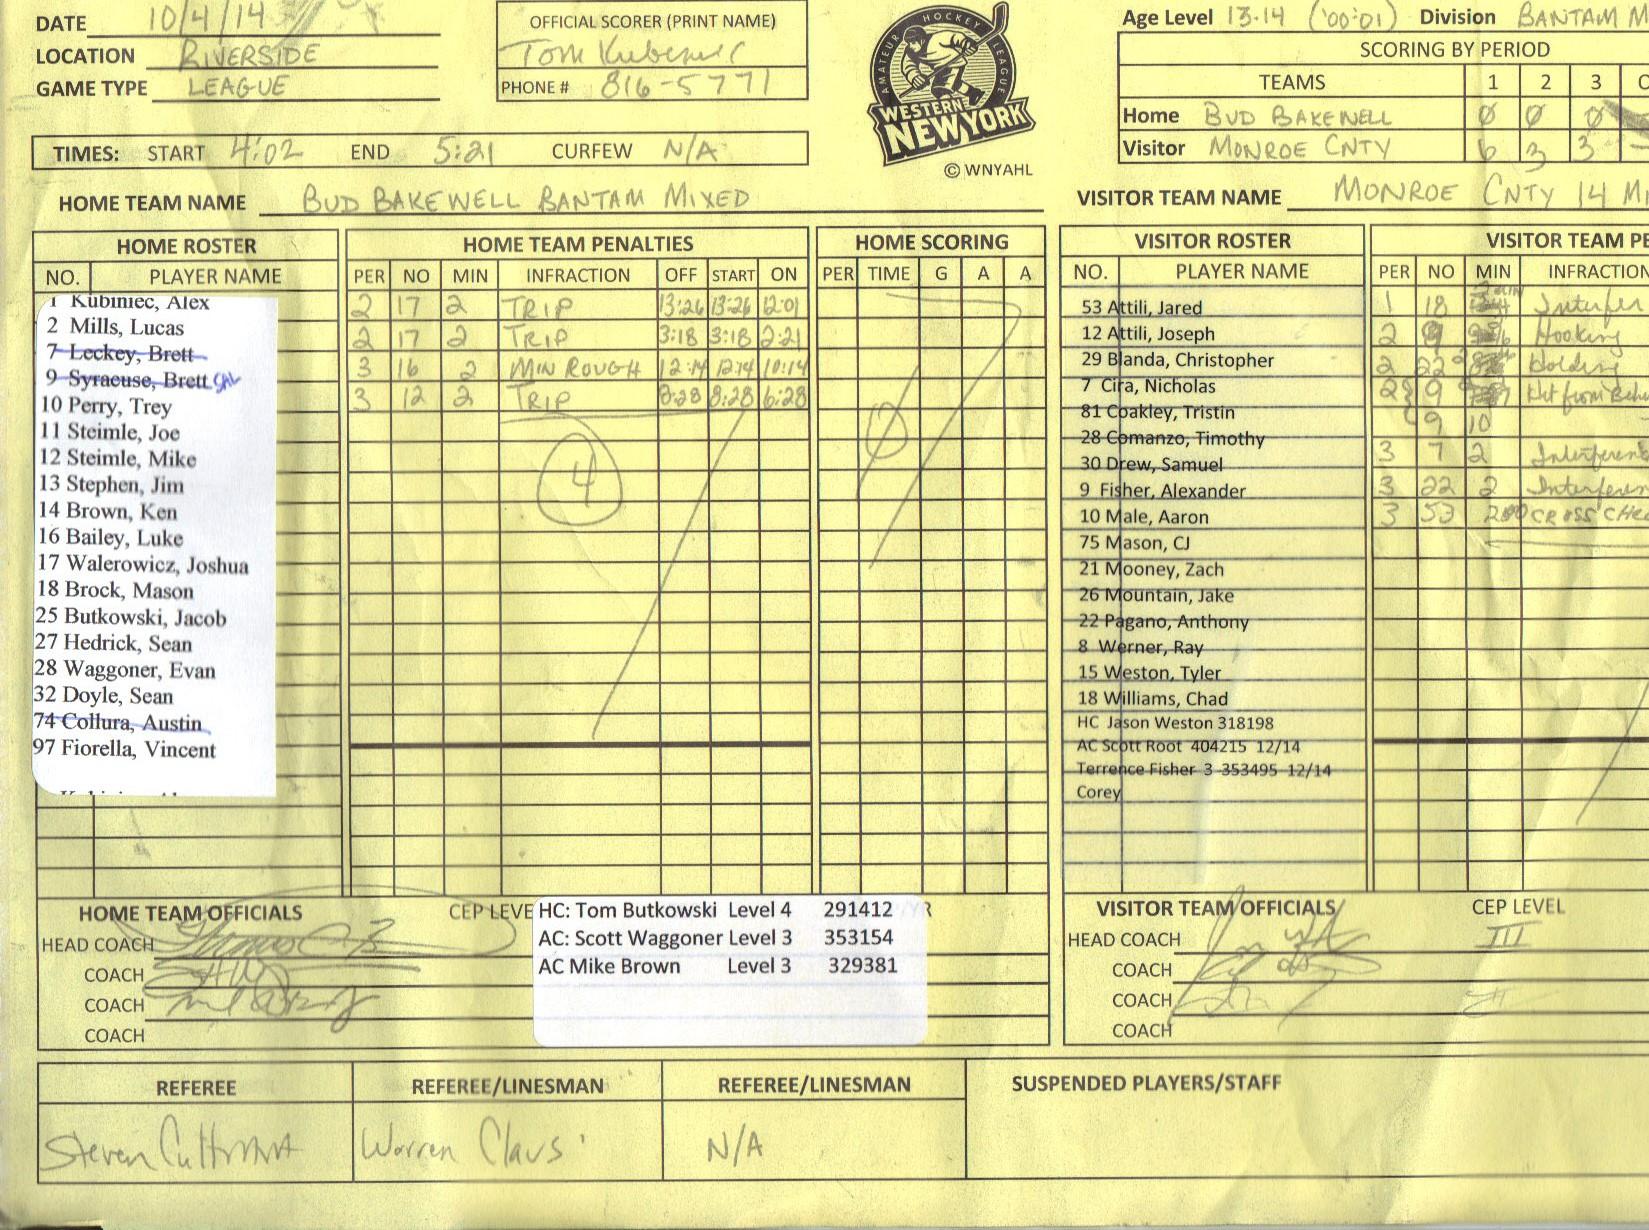 League Game # 1450